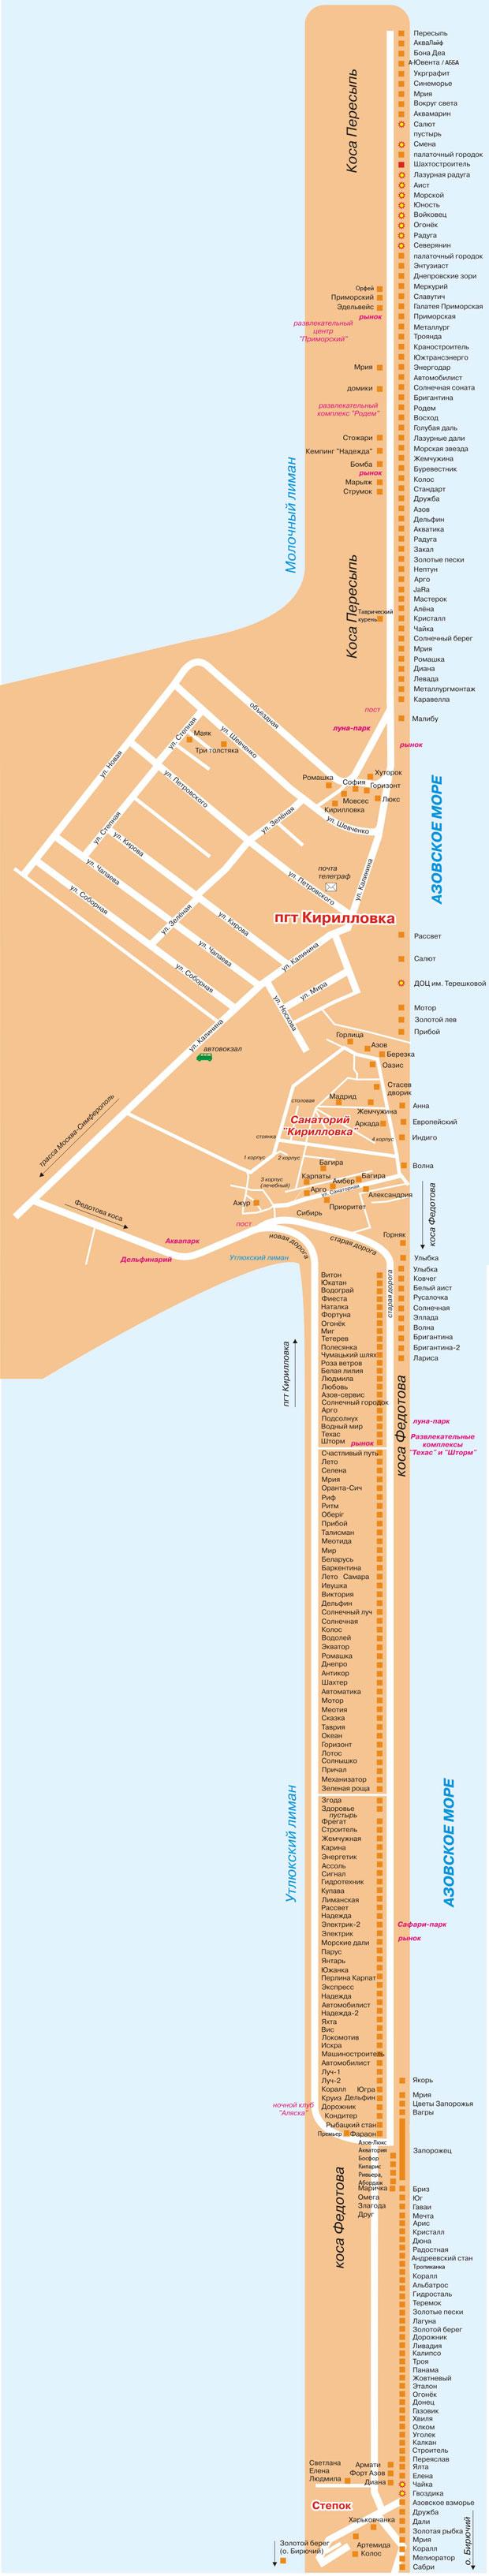 Карта баз отдыха Кирилловки